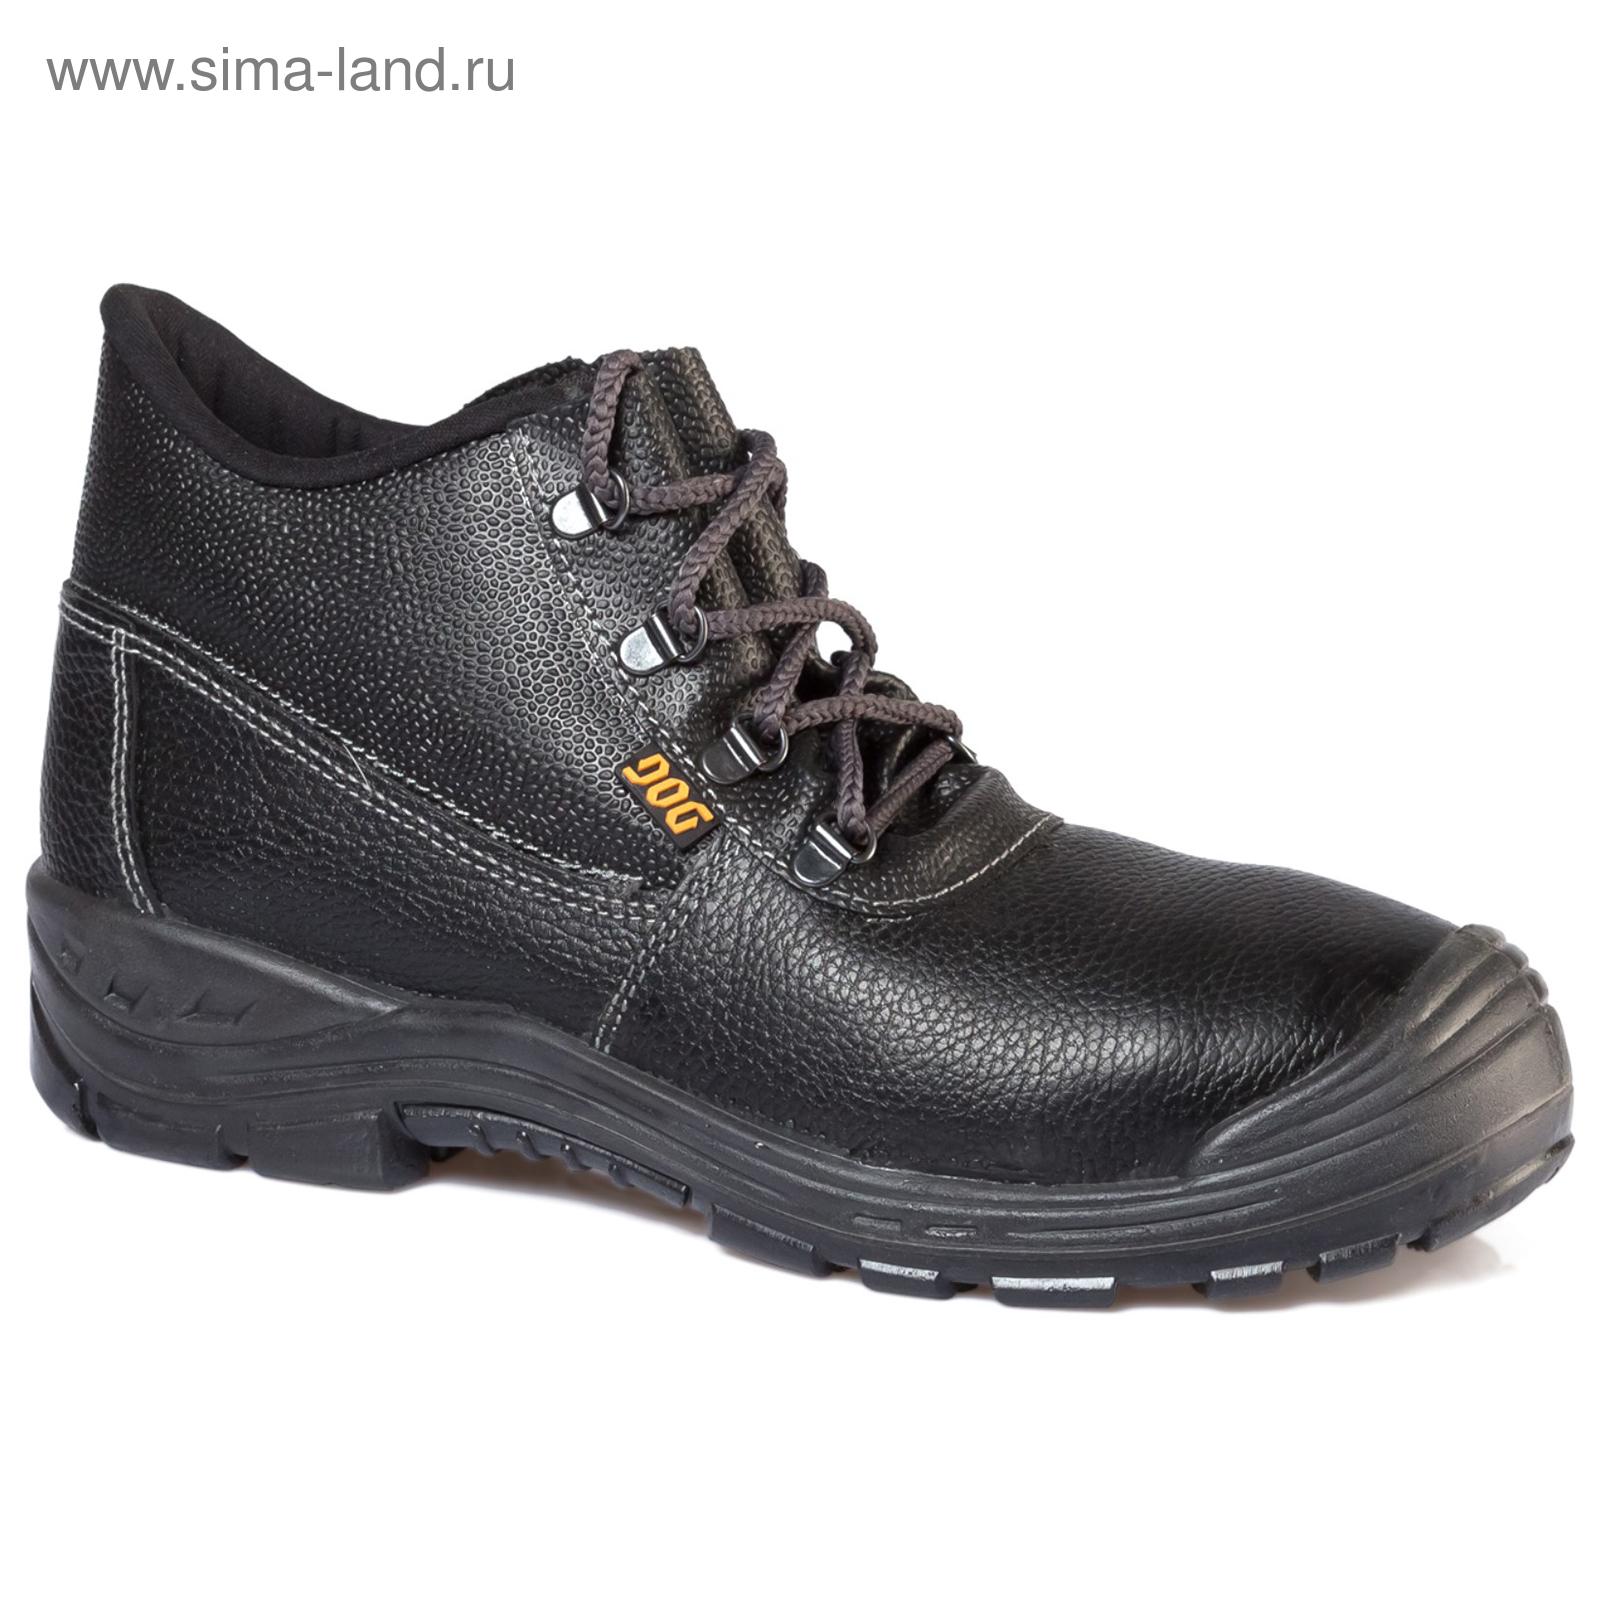 Ботинки кожаные Строитель мод. А112 КП (41) (3845850) - Купить по ... b5c6a4ec678